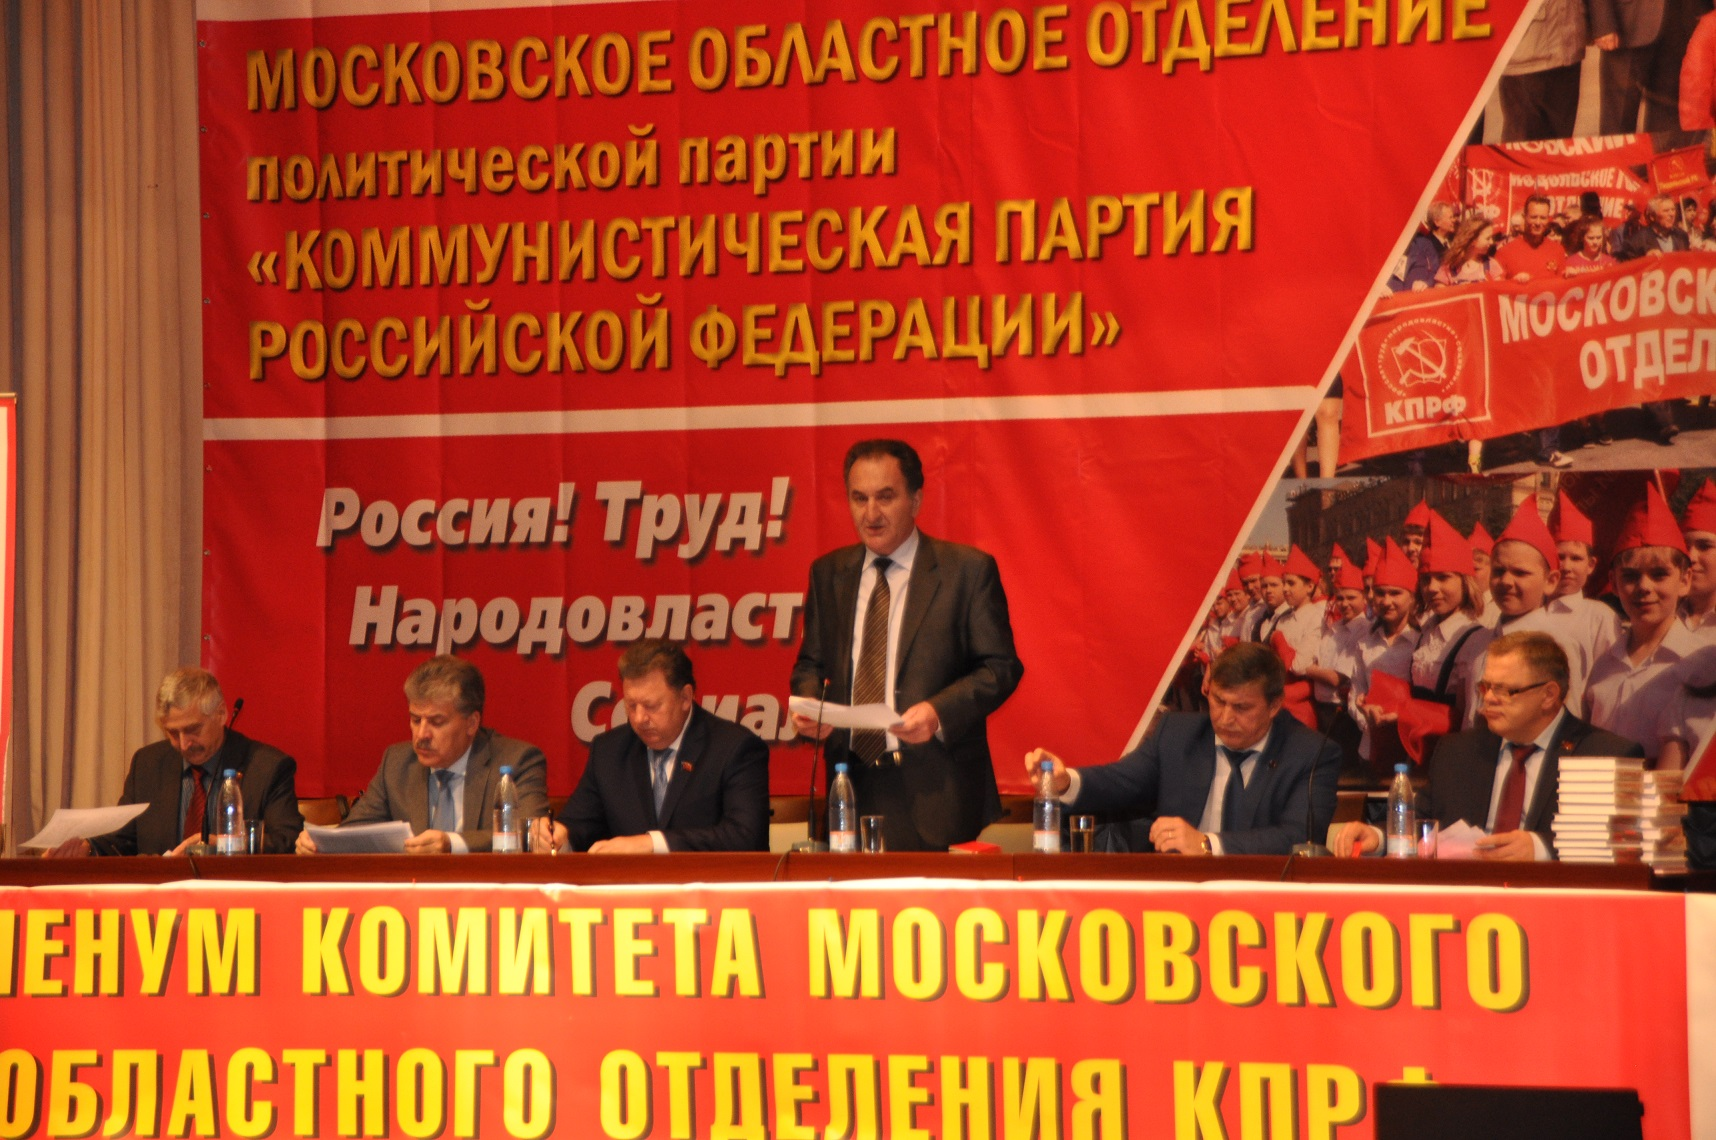 Коммунисти́ческая па́ртия росси́йской федера́ции (сокращённо кпрф) — официально зарегистрированная левая политическая партия в российской федерации.